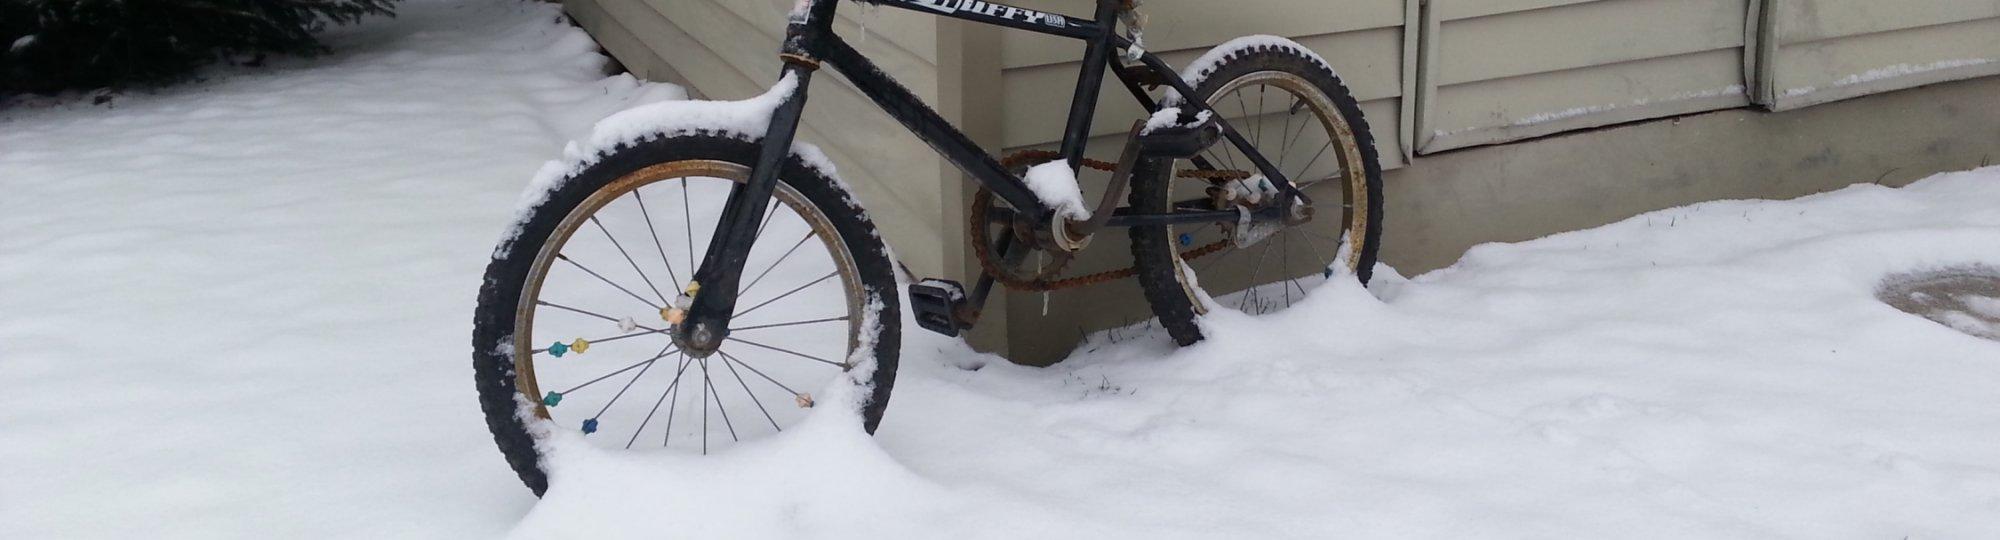 Reverse Gear snowy slider